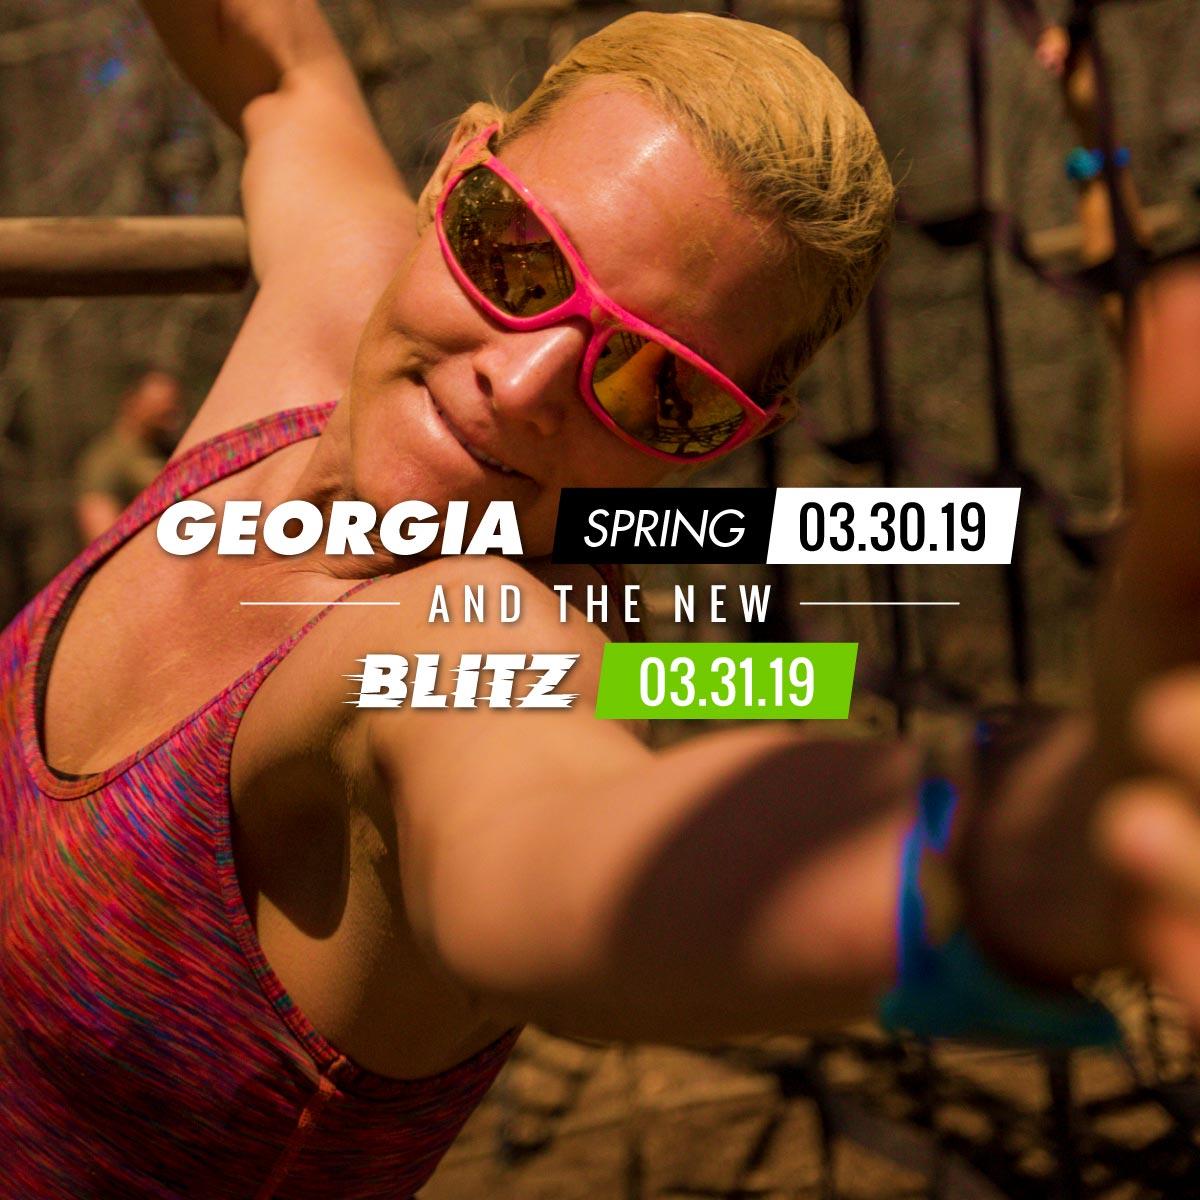 Spectator Pass - Savage Race Georgia Spring 2019